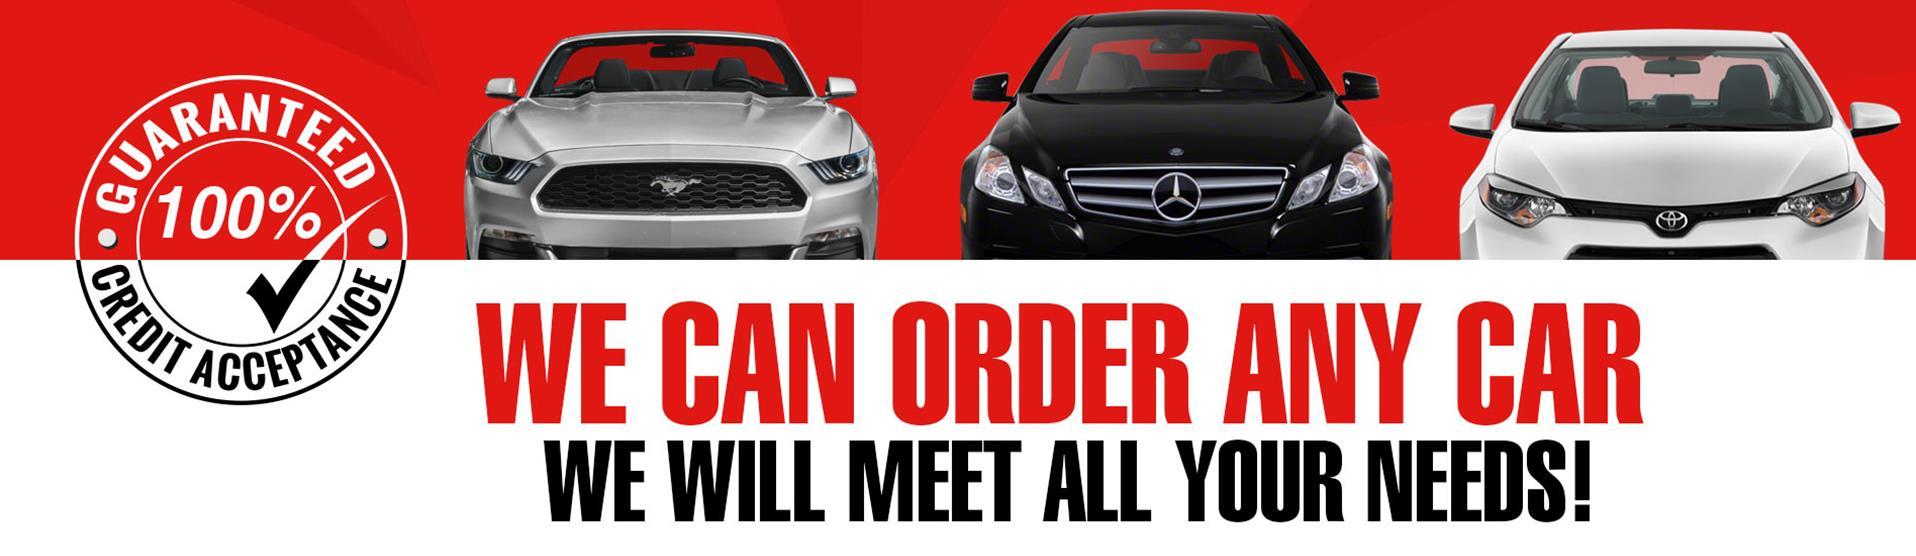 Used Cars Lakeland FL | Used Cars & Trucks FL | Speedway Auto Sales ...